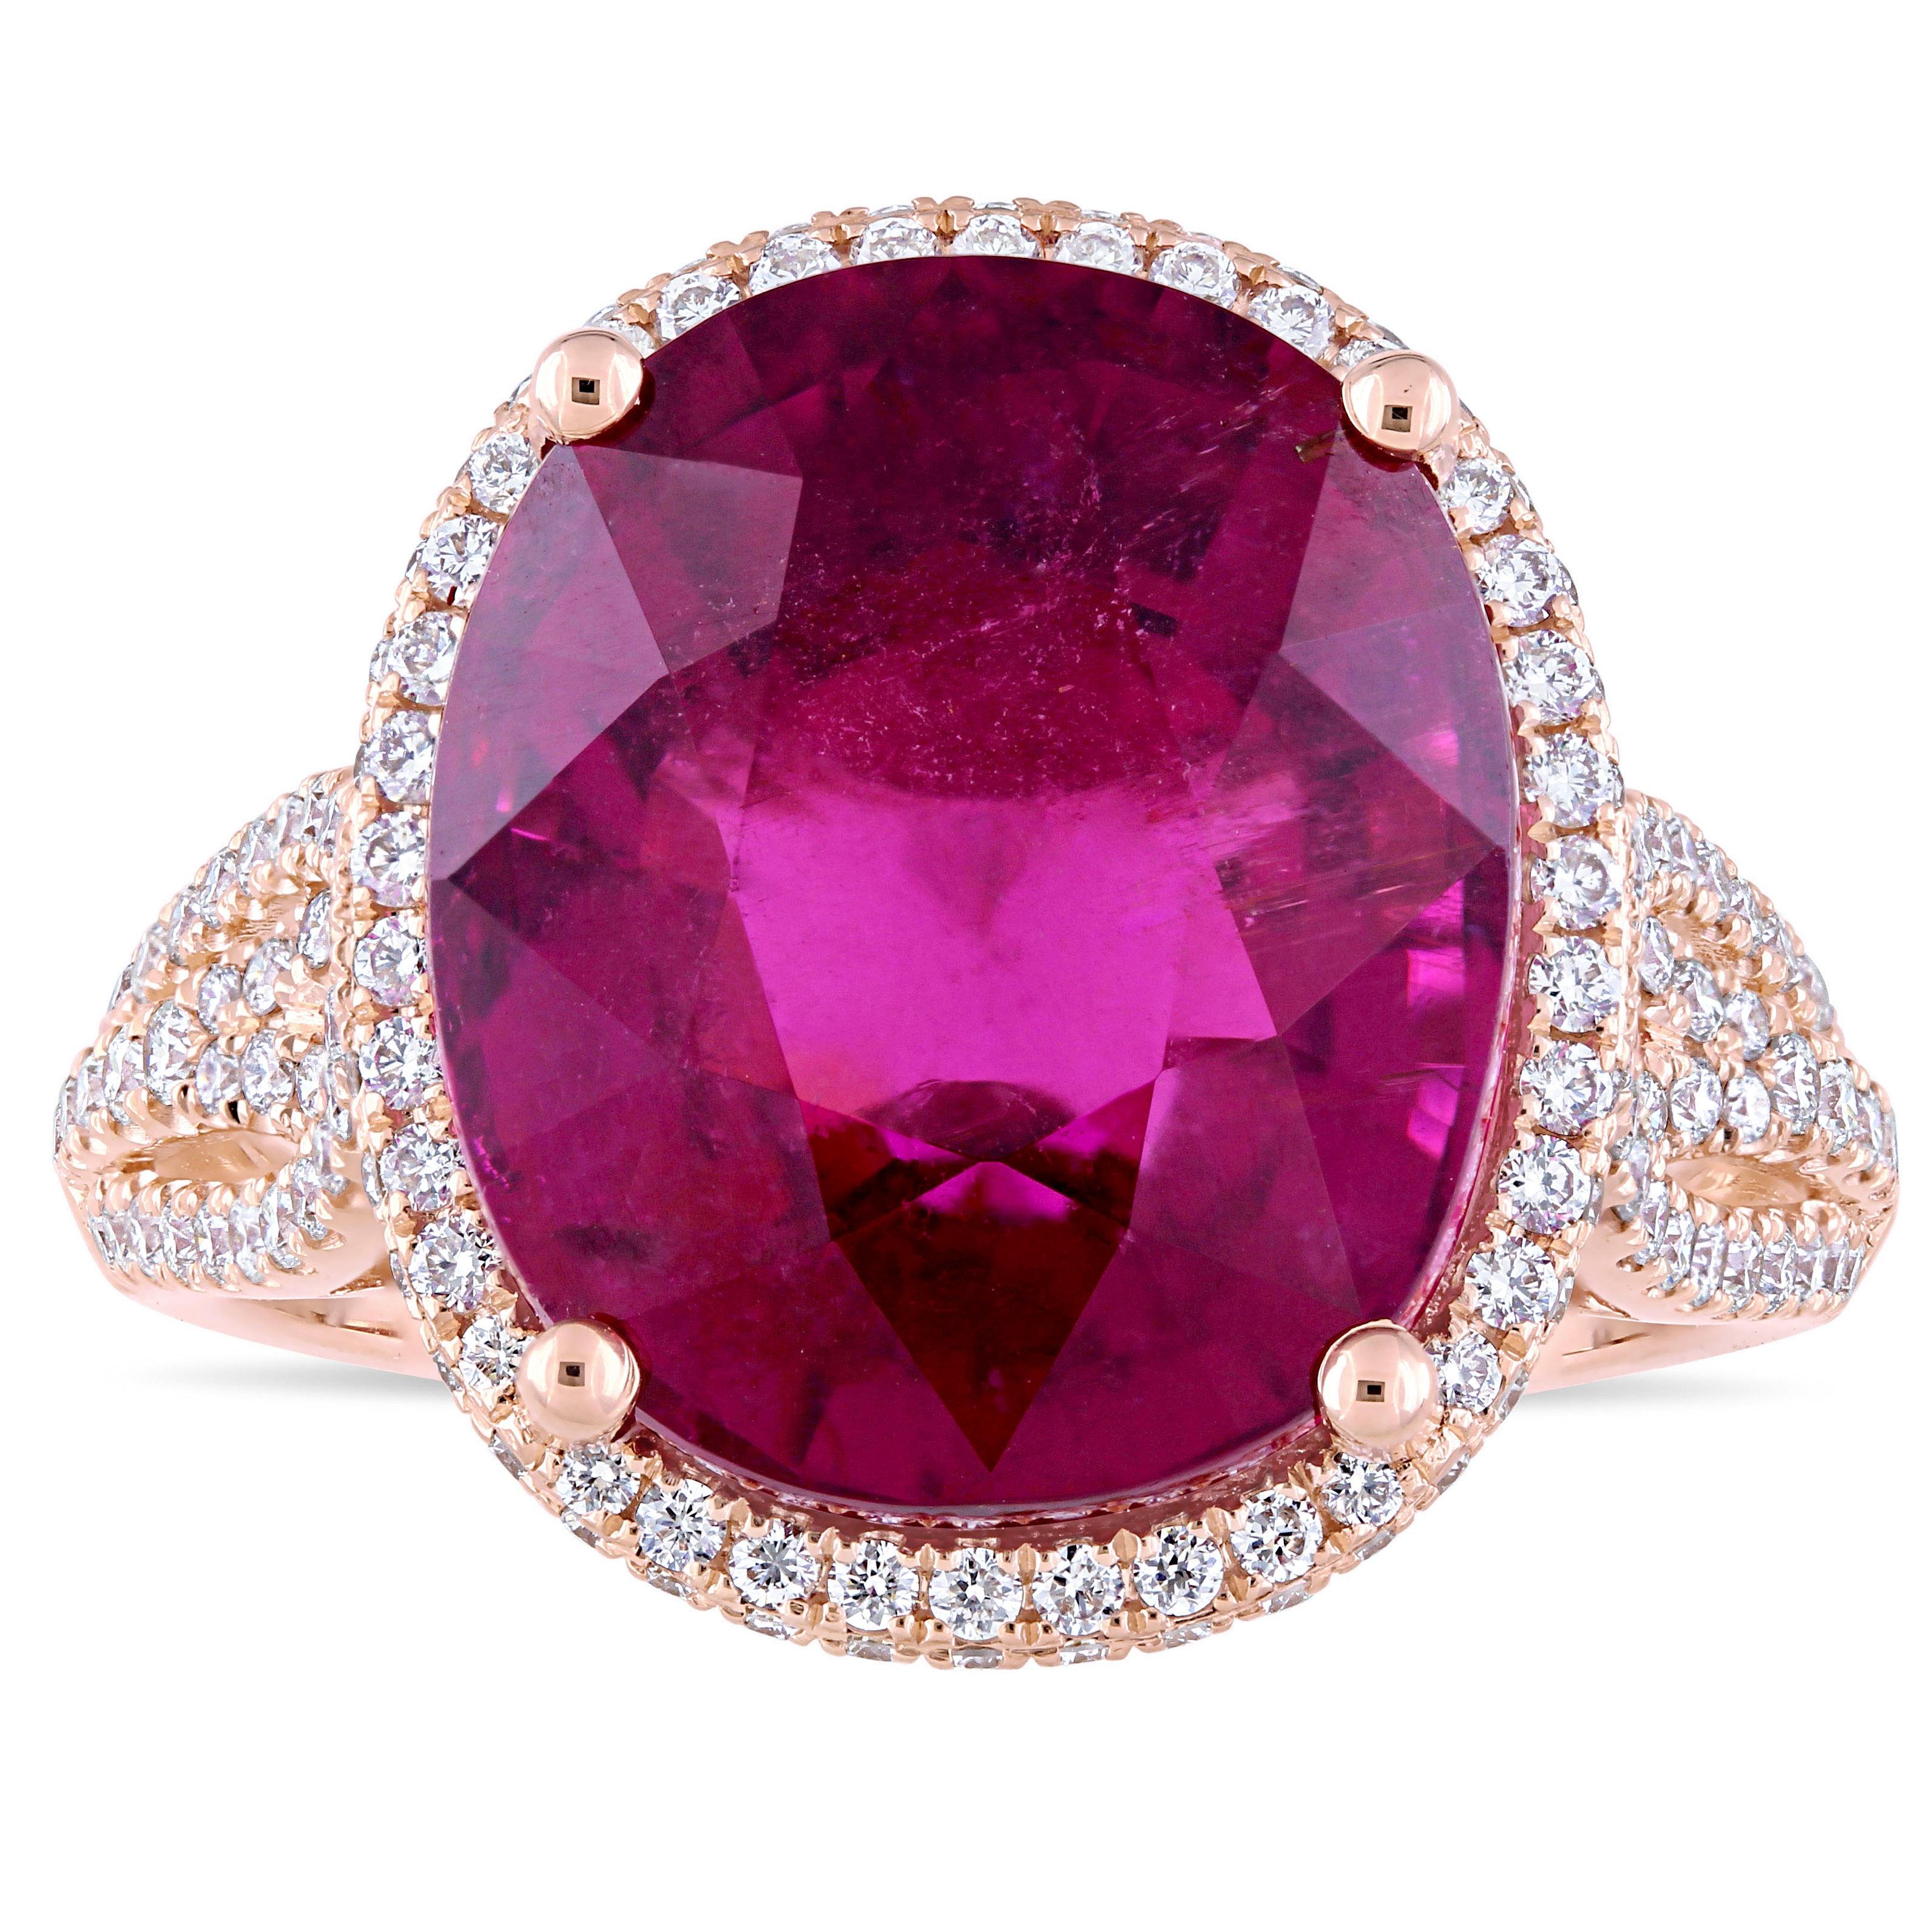 Shop Miadora Signature Collection 14k Rose Gold Pink Tourmaline and ...